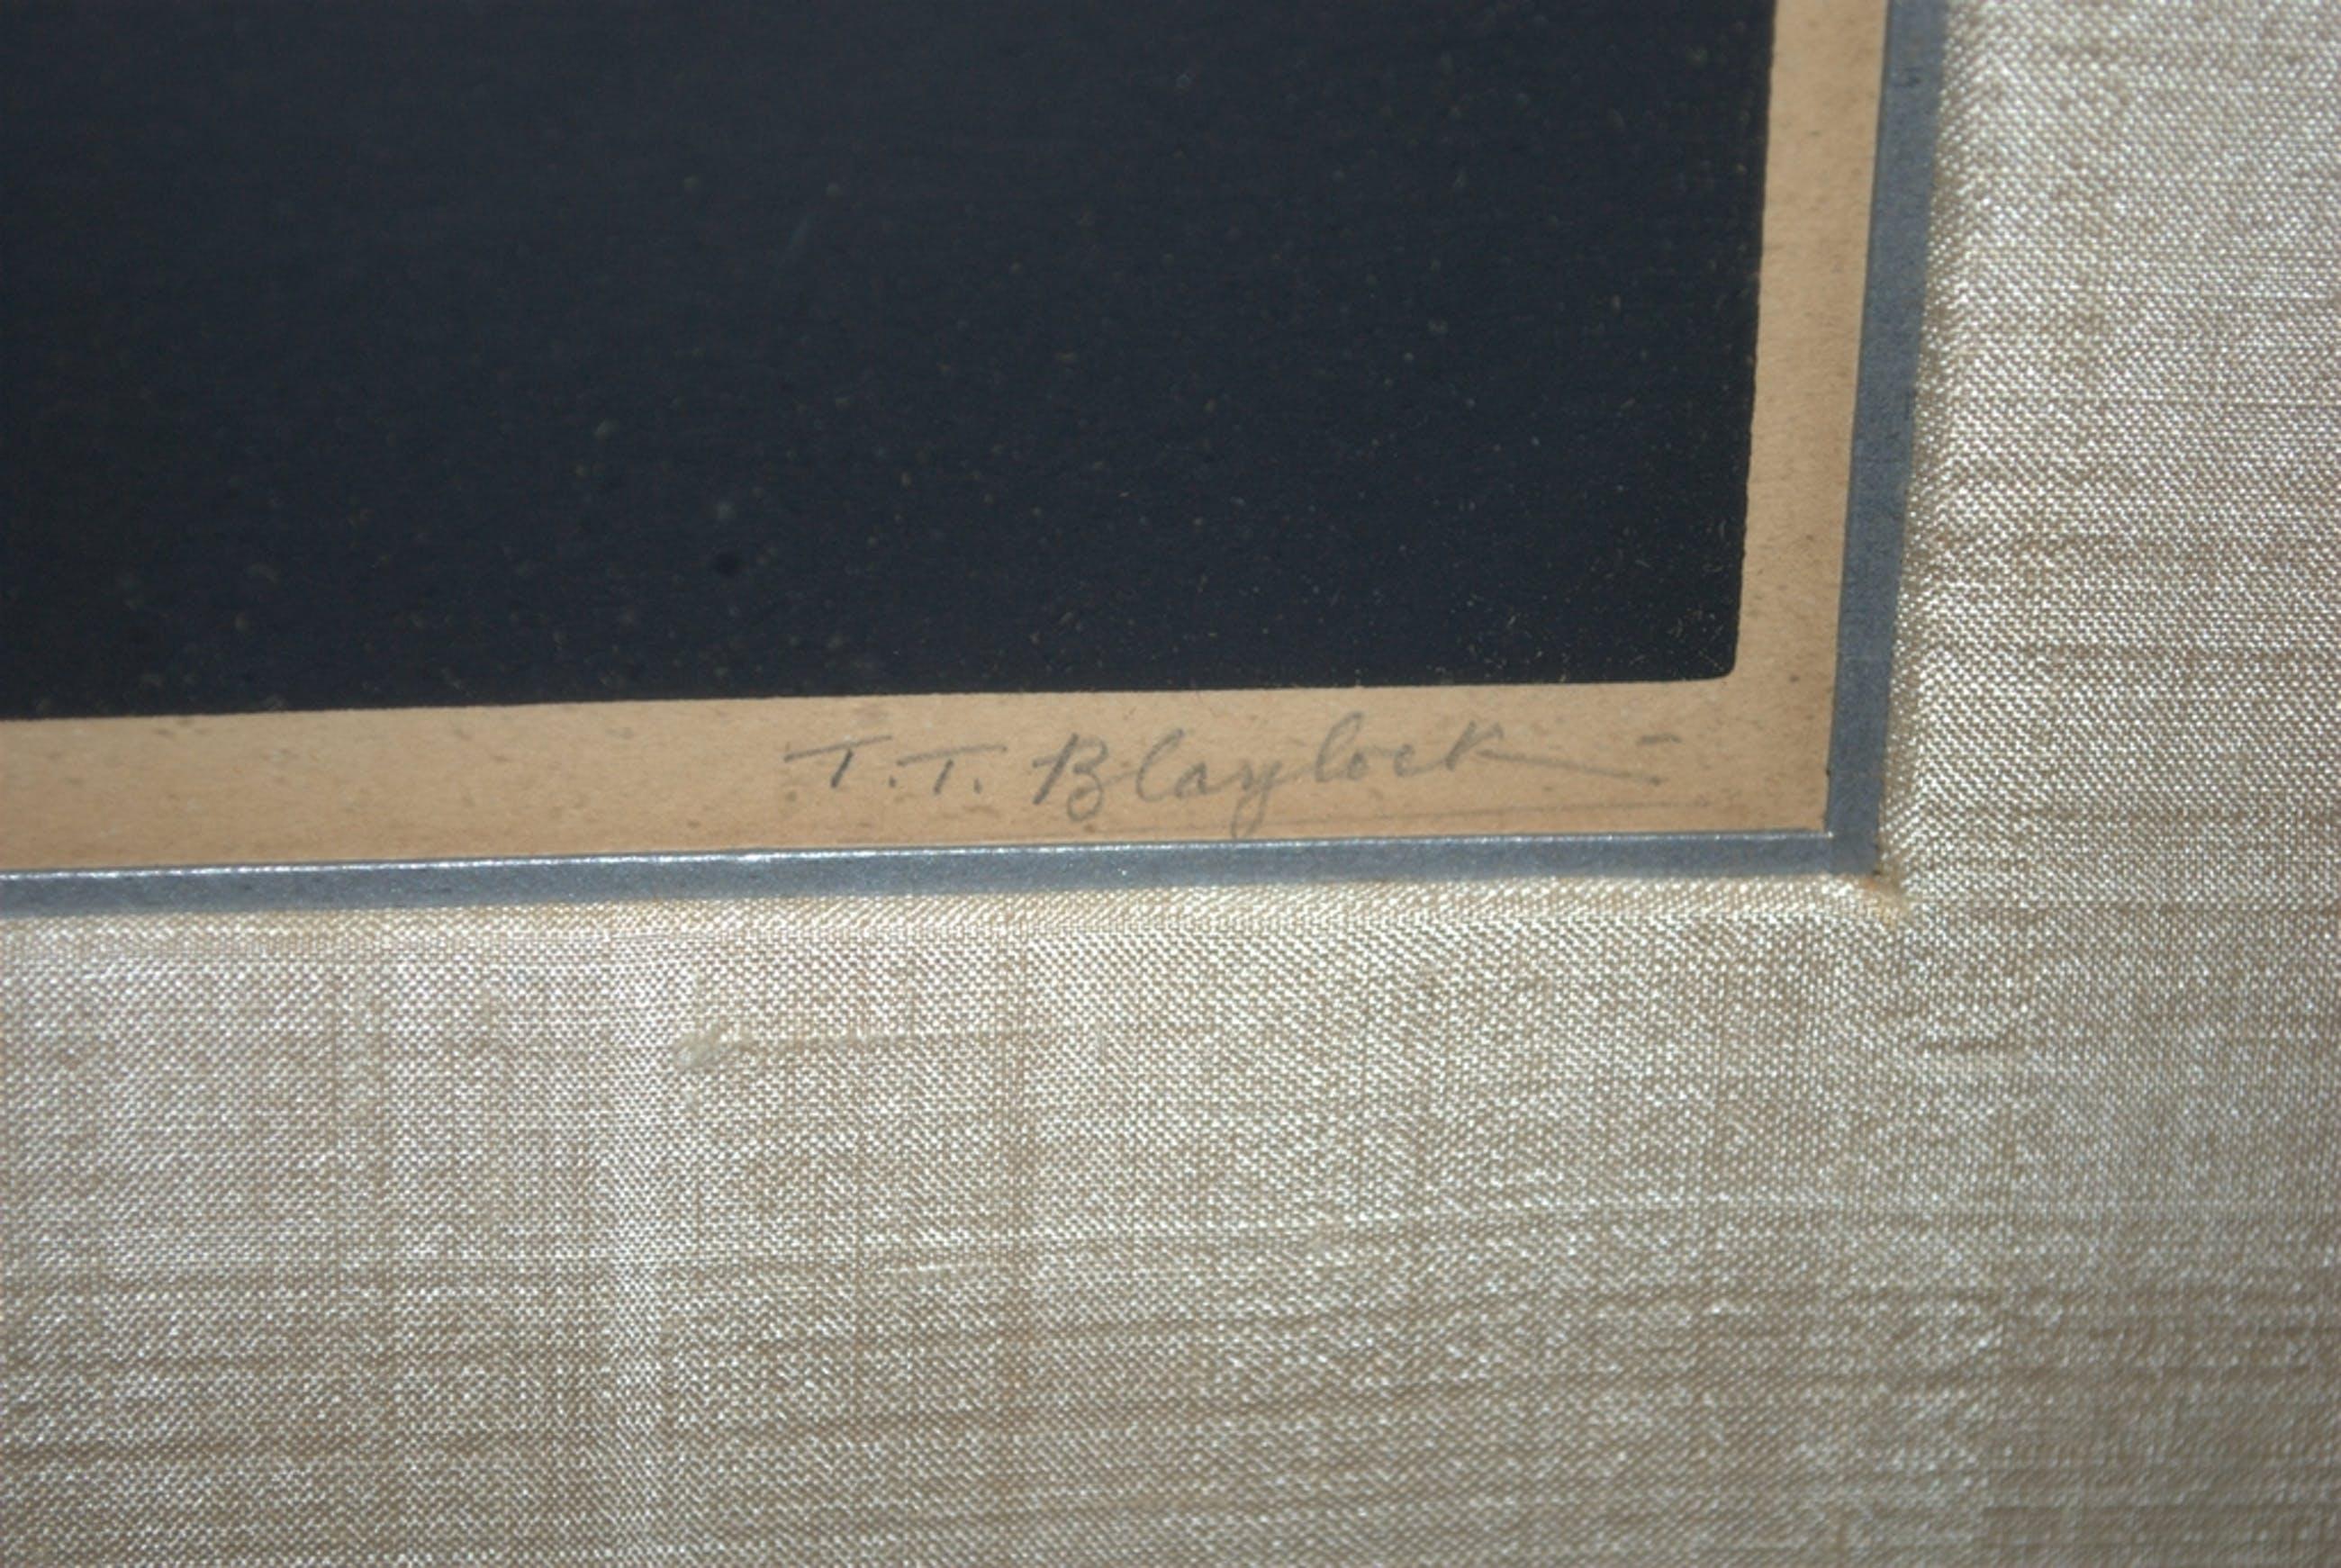 T.T.Blaylock (Schotland) - Narcissen, houtsnede rond 1910 kopen? Bied vanaf 50!